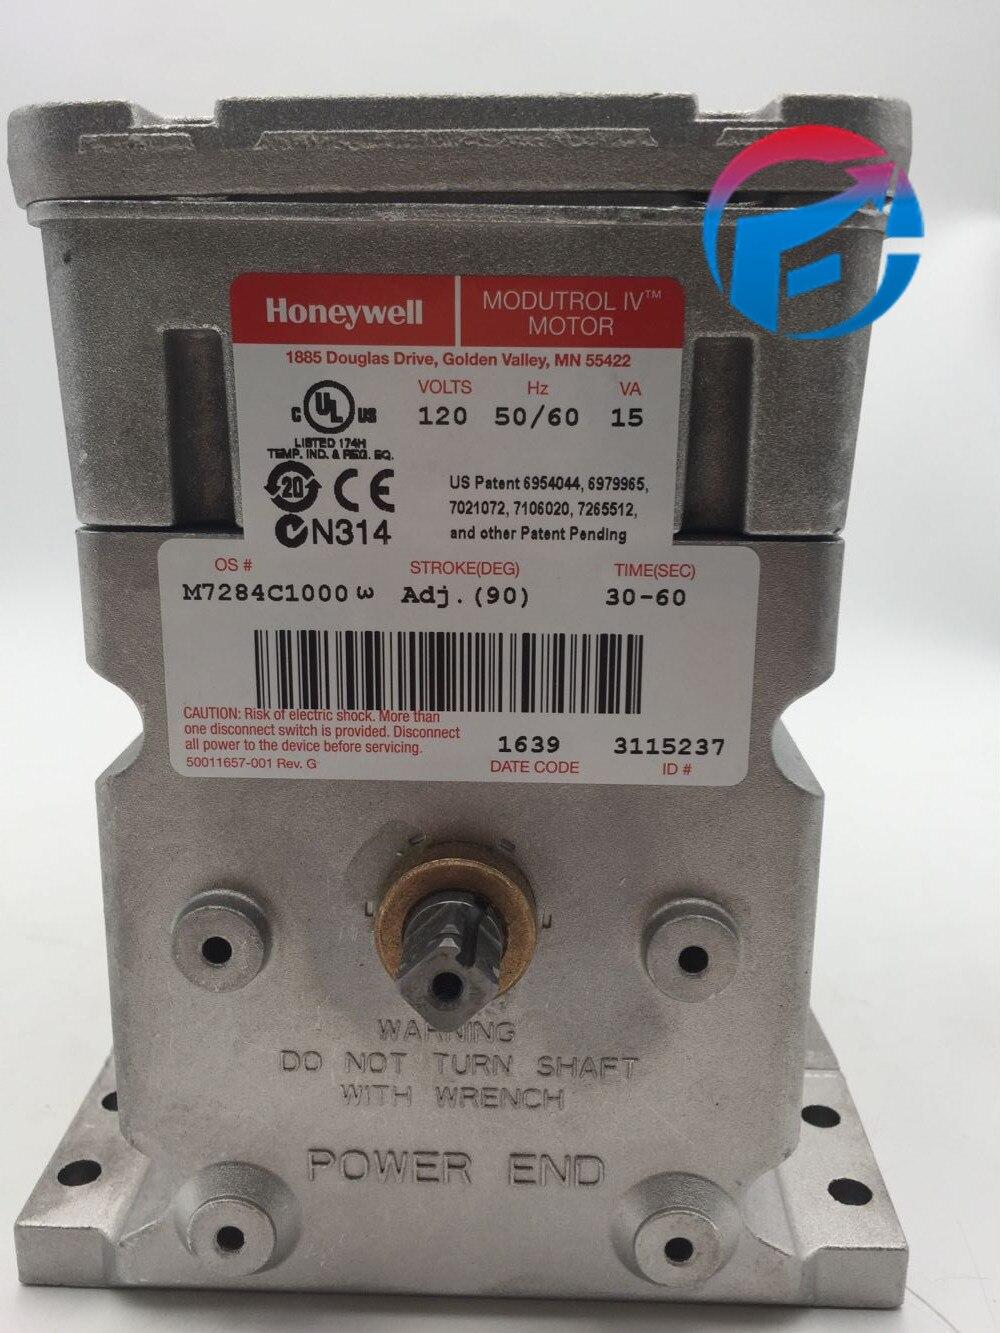 محرك المثبط M7284C1000 ، 17 نانومتر ، Honeywell ، للموقد ، جديد وأصلي